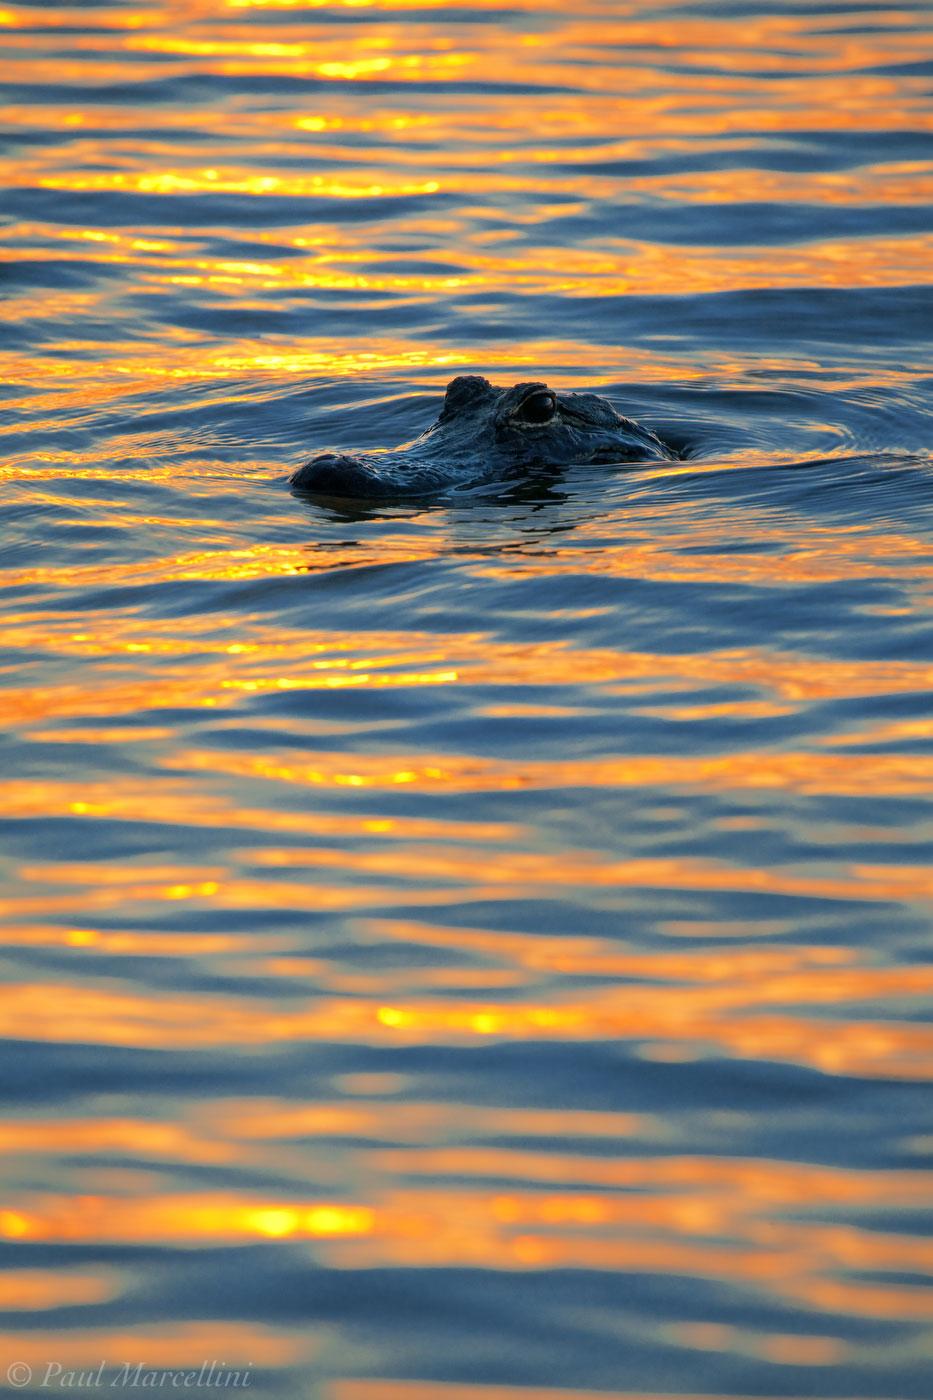 univeristy of florida, UF, gator, alligator, , photo